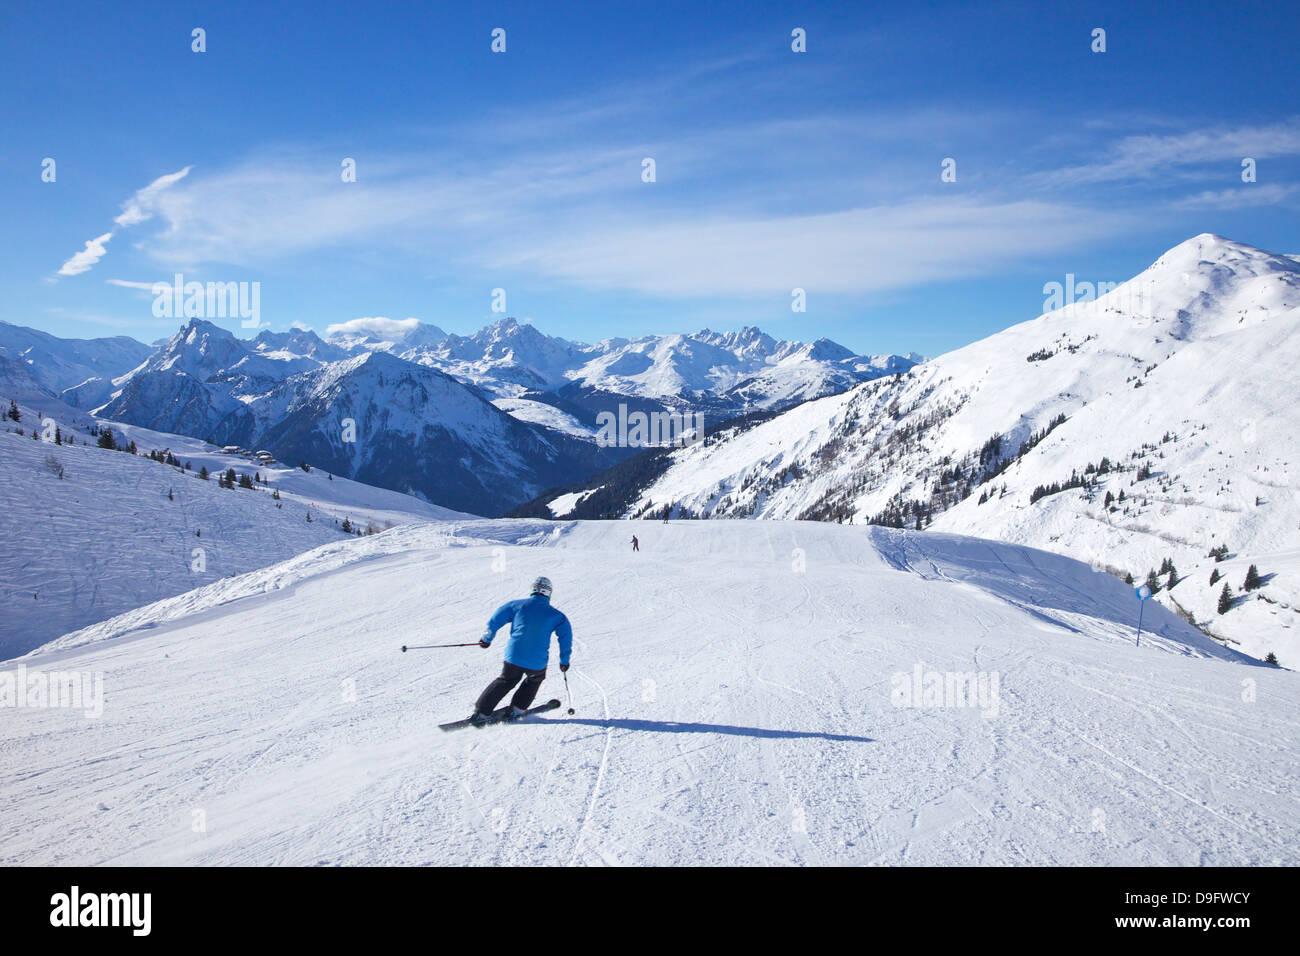 Gli sciatori su Levasset pista blu in inverno il sole, Champagny, La Plagne, sulle Alpi francesi, Francia Immagini Stock